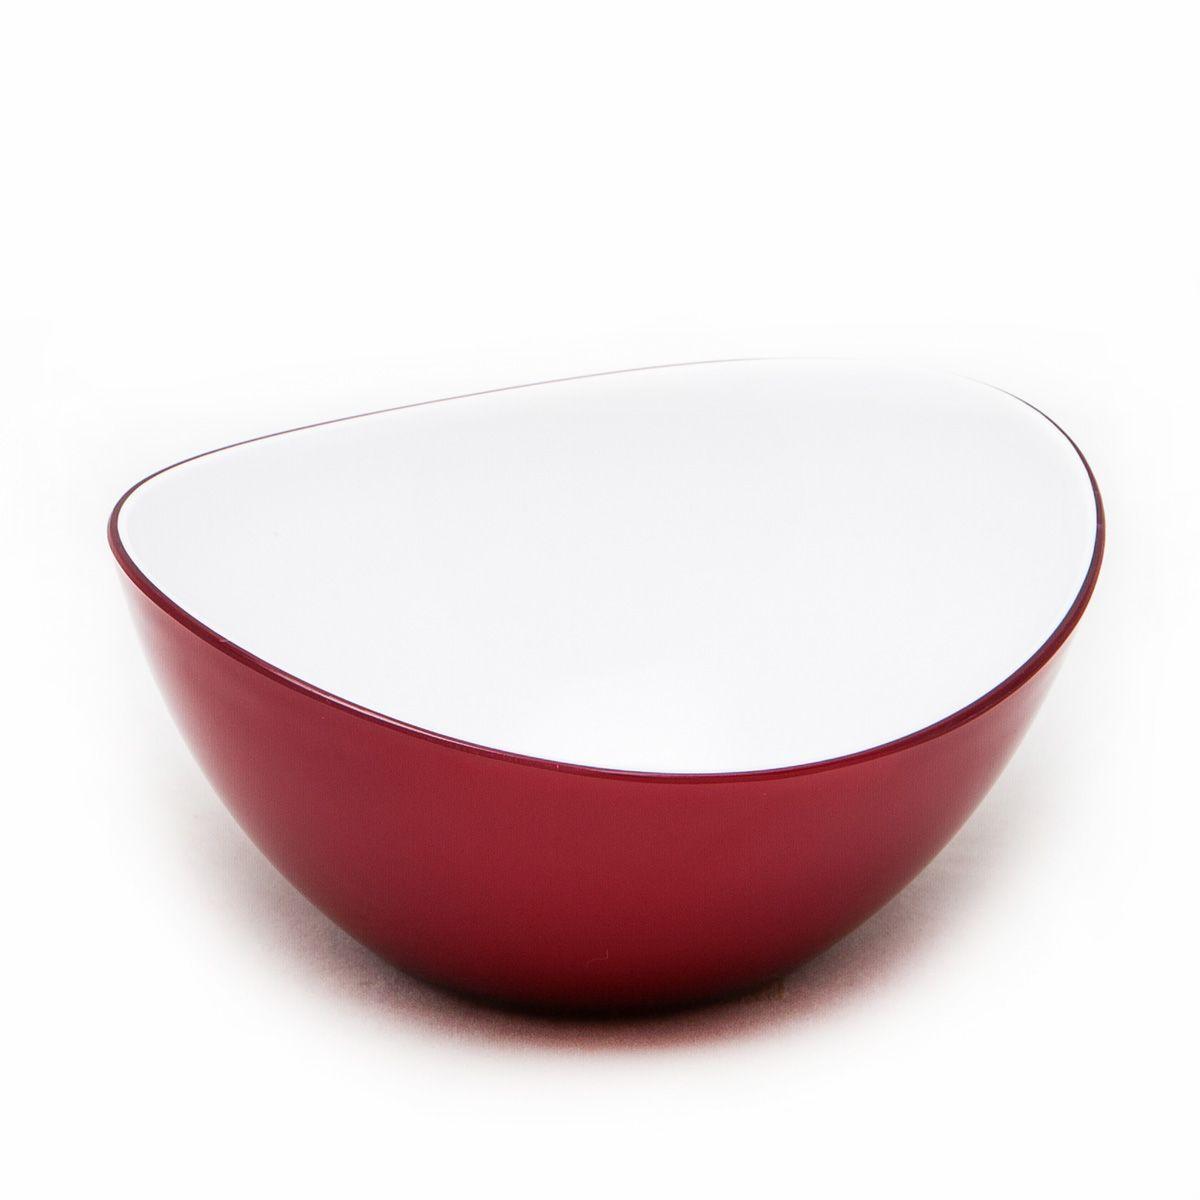 Миска MoulinVilla, цвет: бургунди, 16 х 14 х 6 смL-16BОригинальная миска Moulinvilla, изготовленная из высококачественного акрила, благодаря привлекательному дизайну выполняет не только практичную, но и декоративную функцию. Белый цвет внутренней поверхности и сочный, интенсивный цвет снаружи отлично контрастируют, привлекая к себе внимание.Миска подойдет для сервировки салатов, фруктов, закусок, десертов, печенья, сладостей и других продуктов.Подходит для мытья в посудомоечной машине.